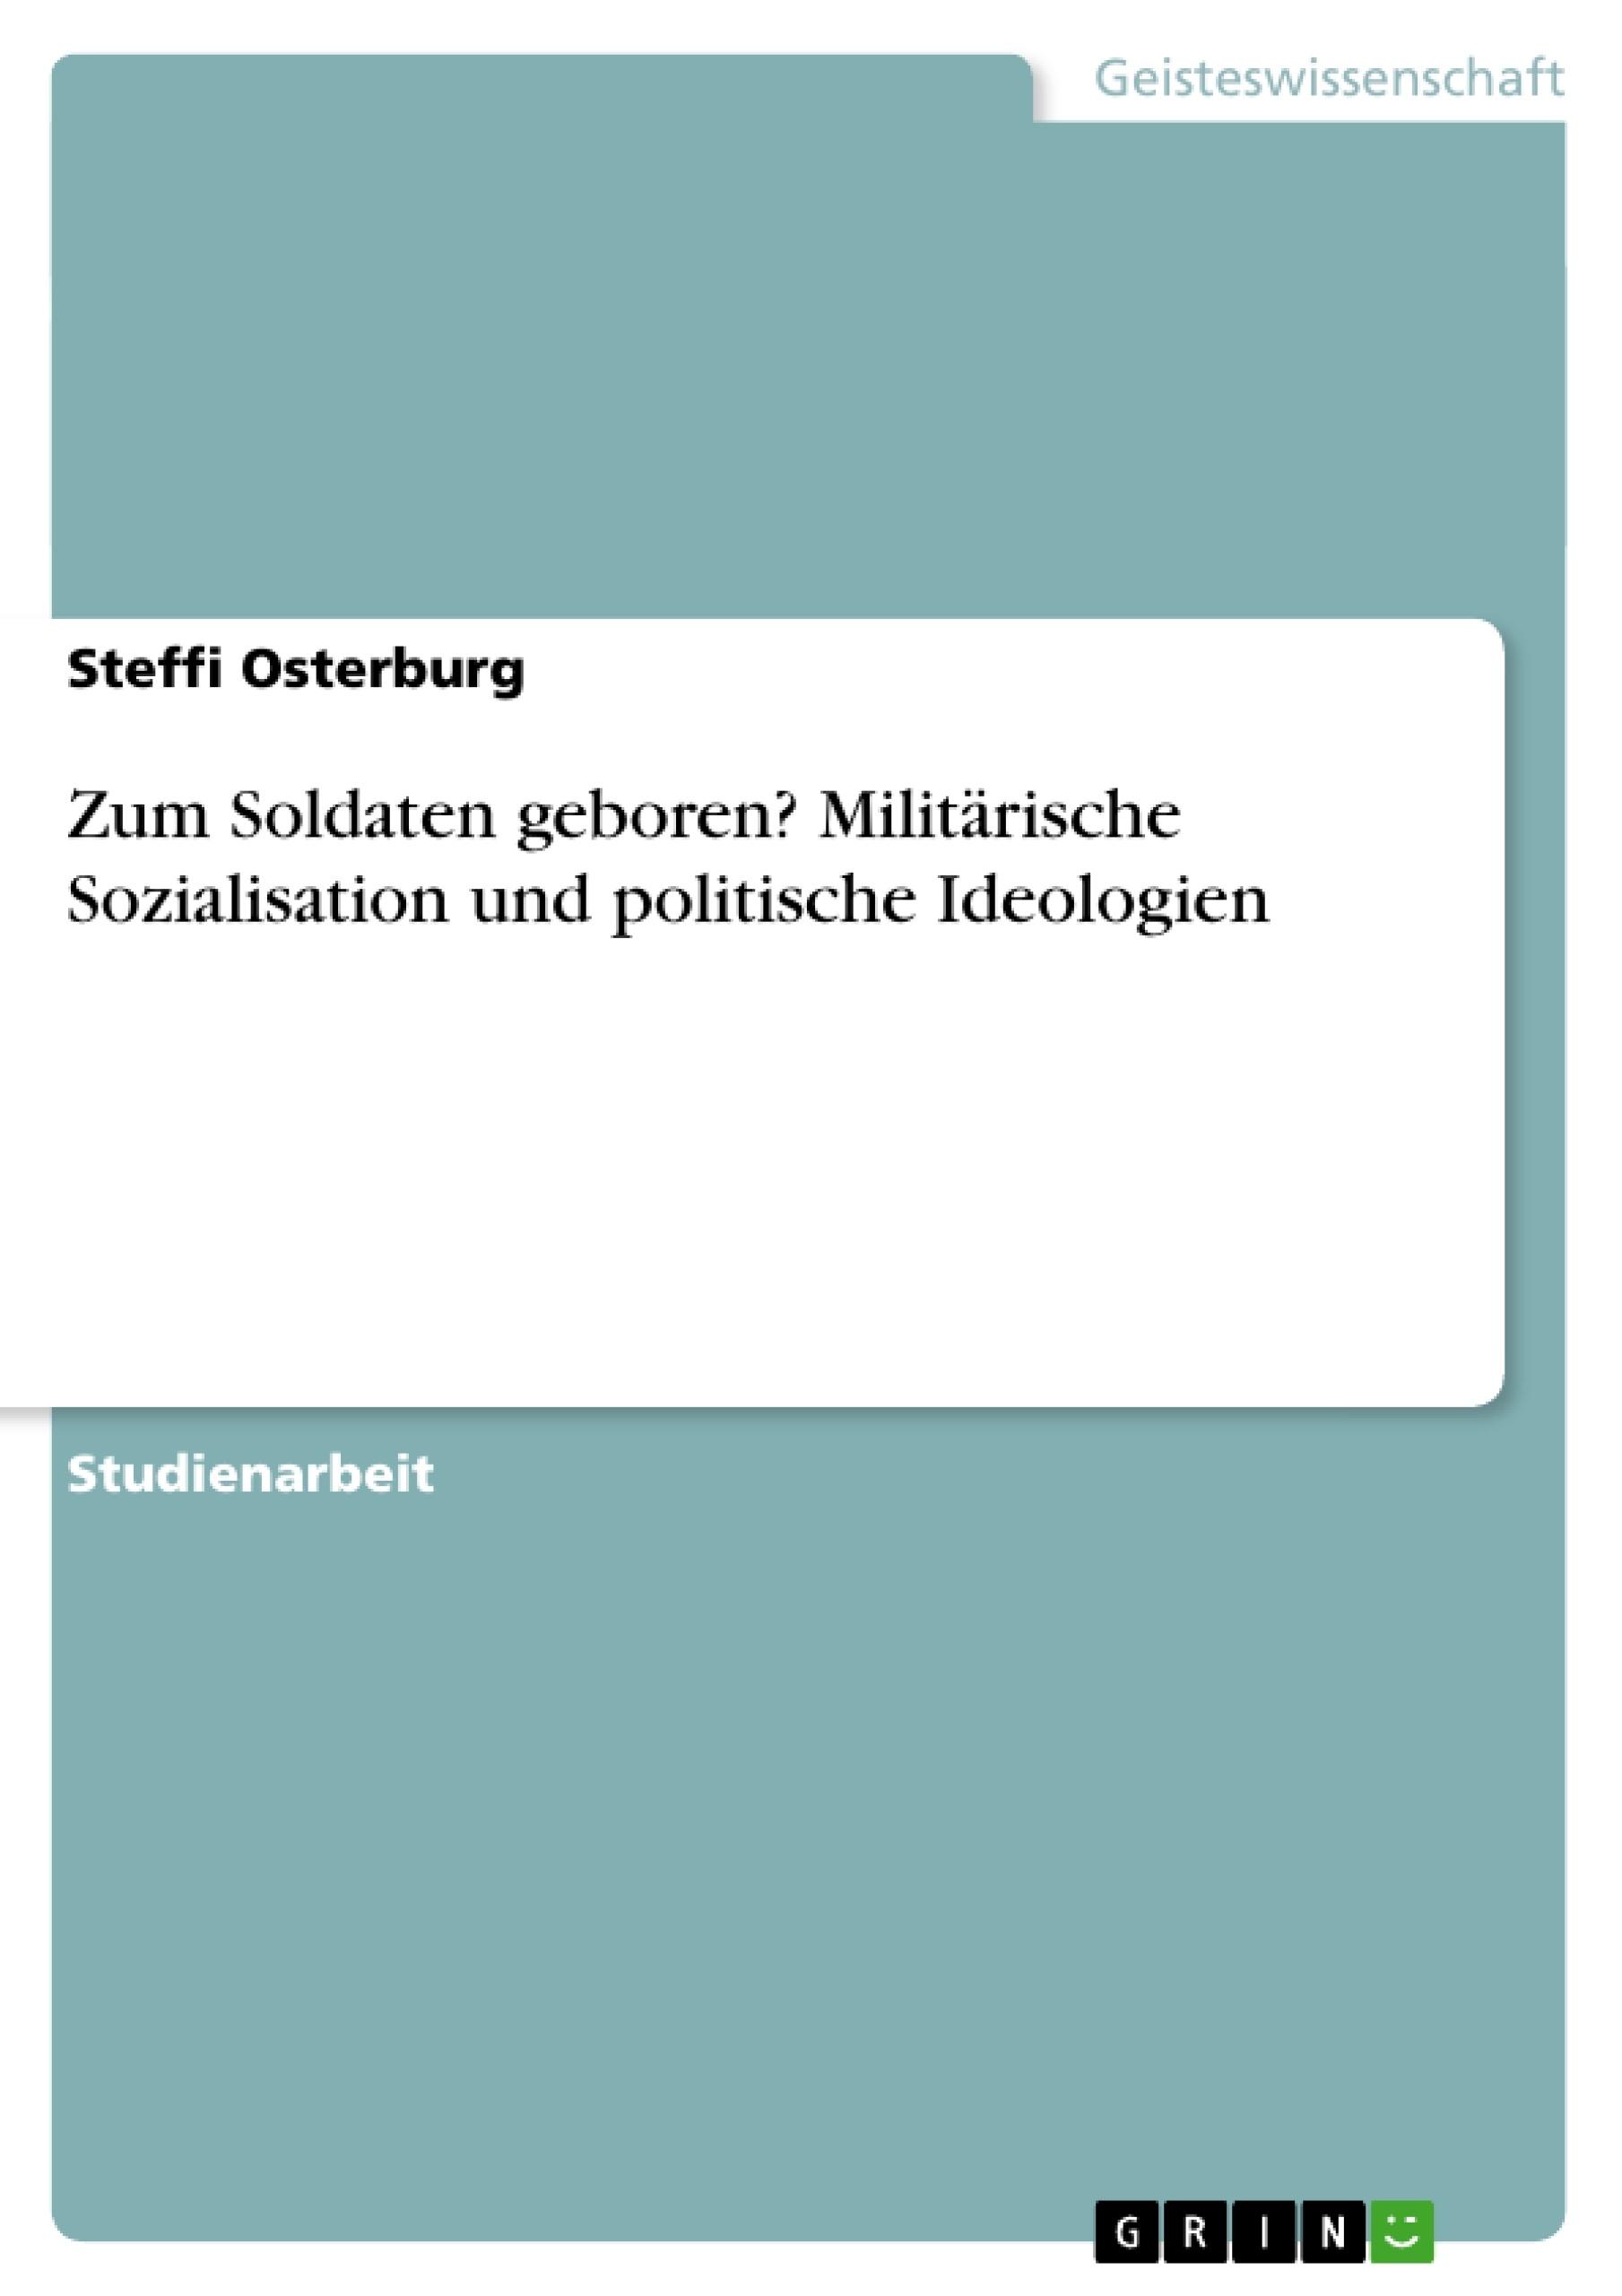 Titel: Zum Soldaten geboren? Militärische Sozialisation und politische Ideologien